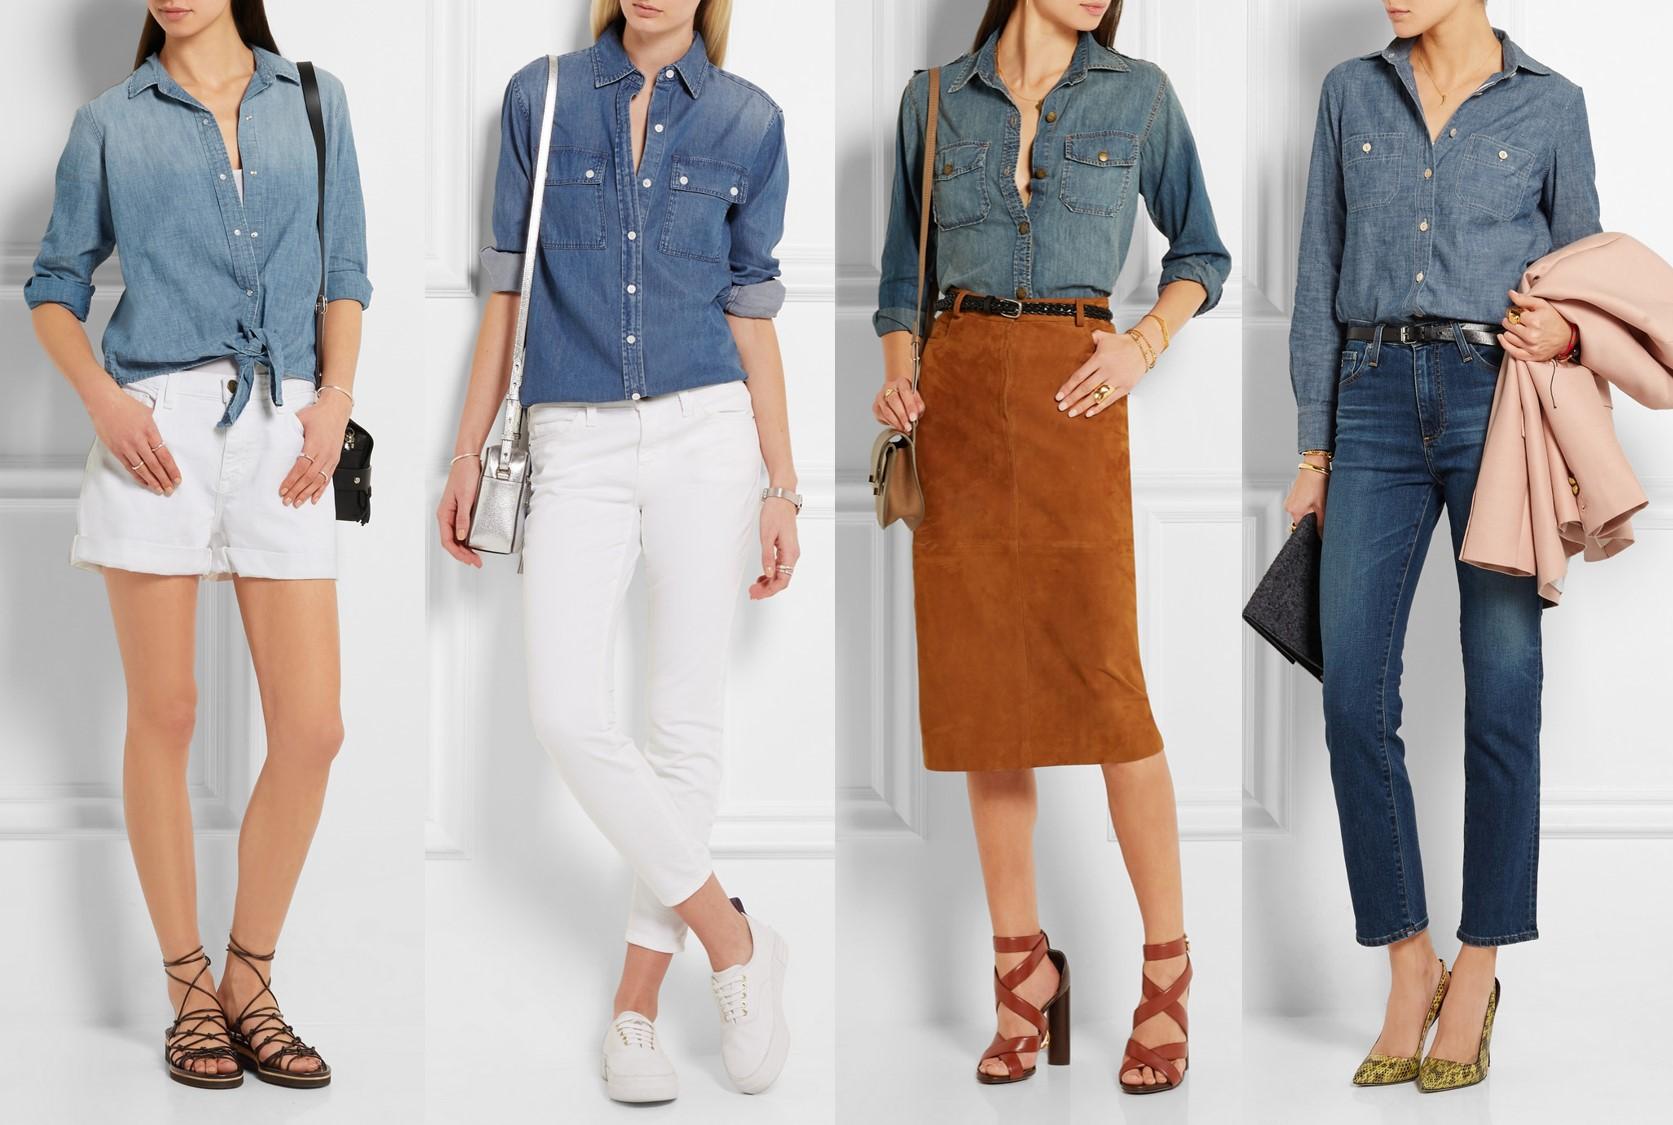 f449d35050 10 modi per indossare la camicia di jeans | Consulente di immagine ...